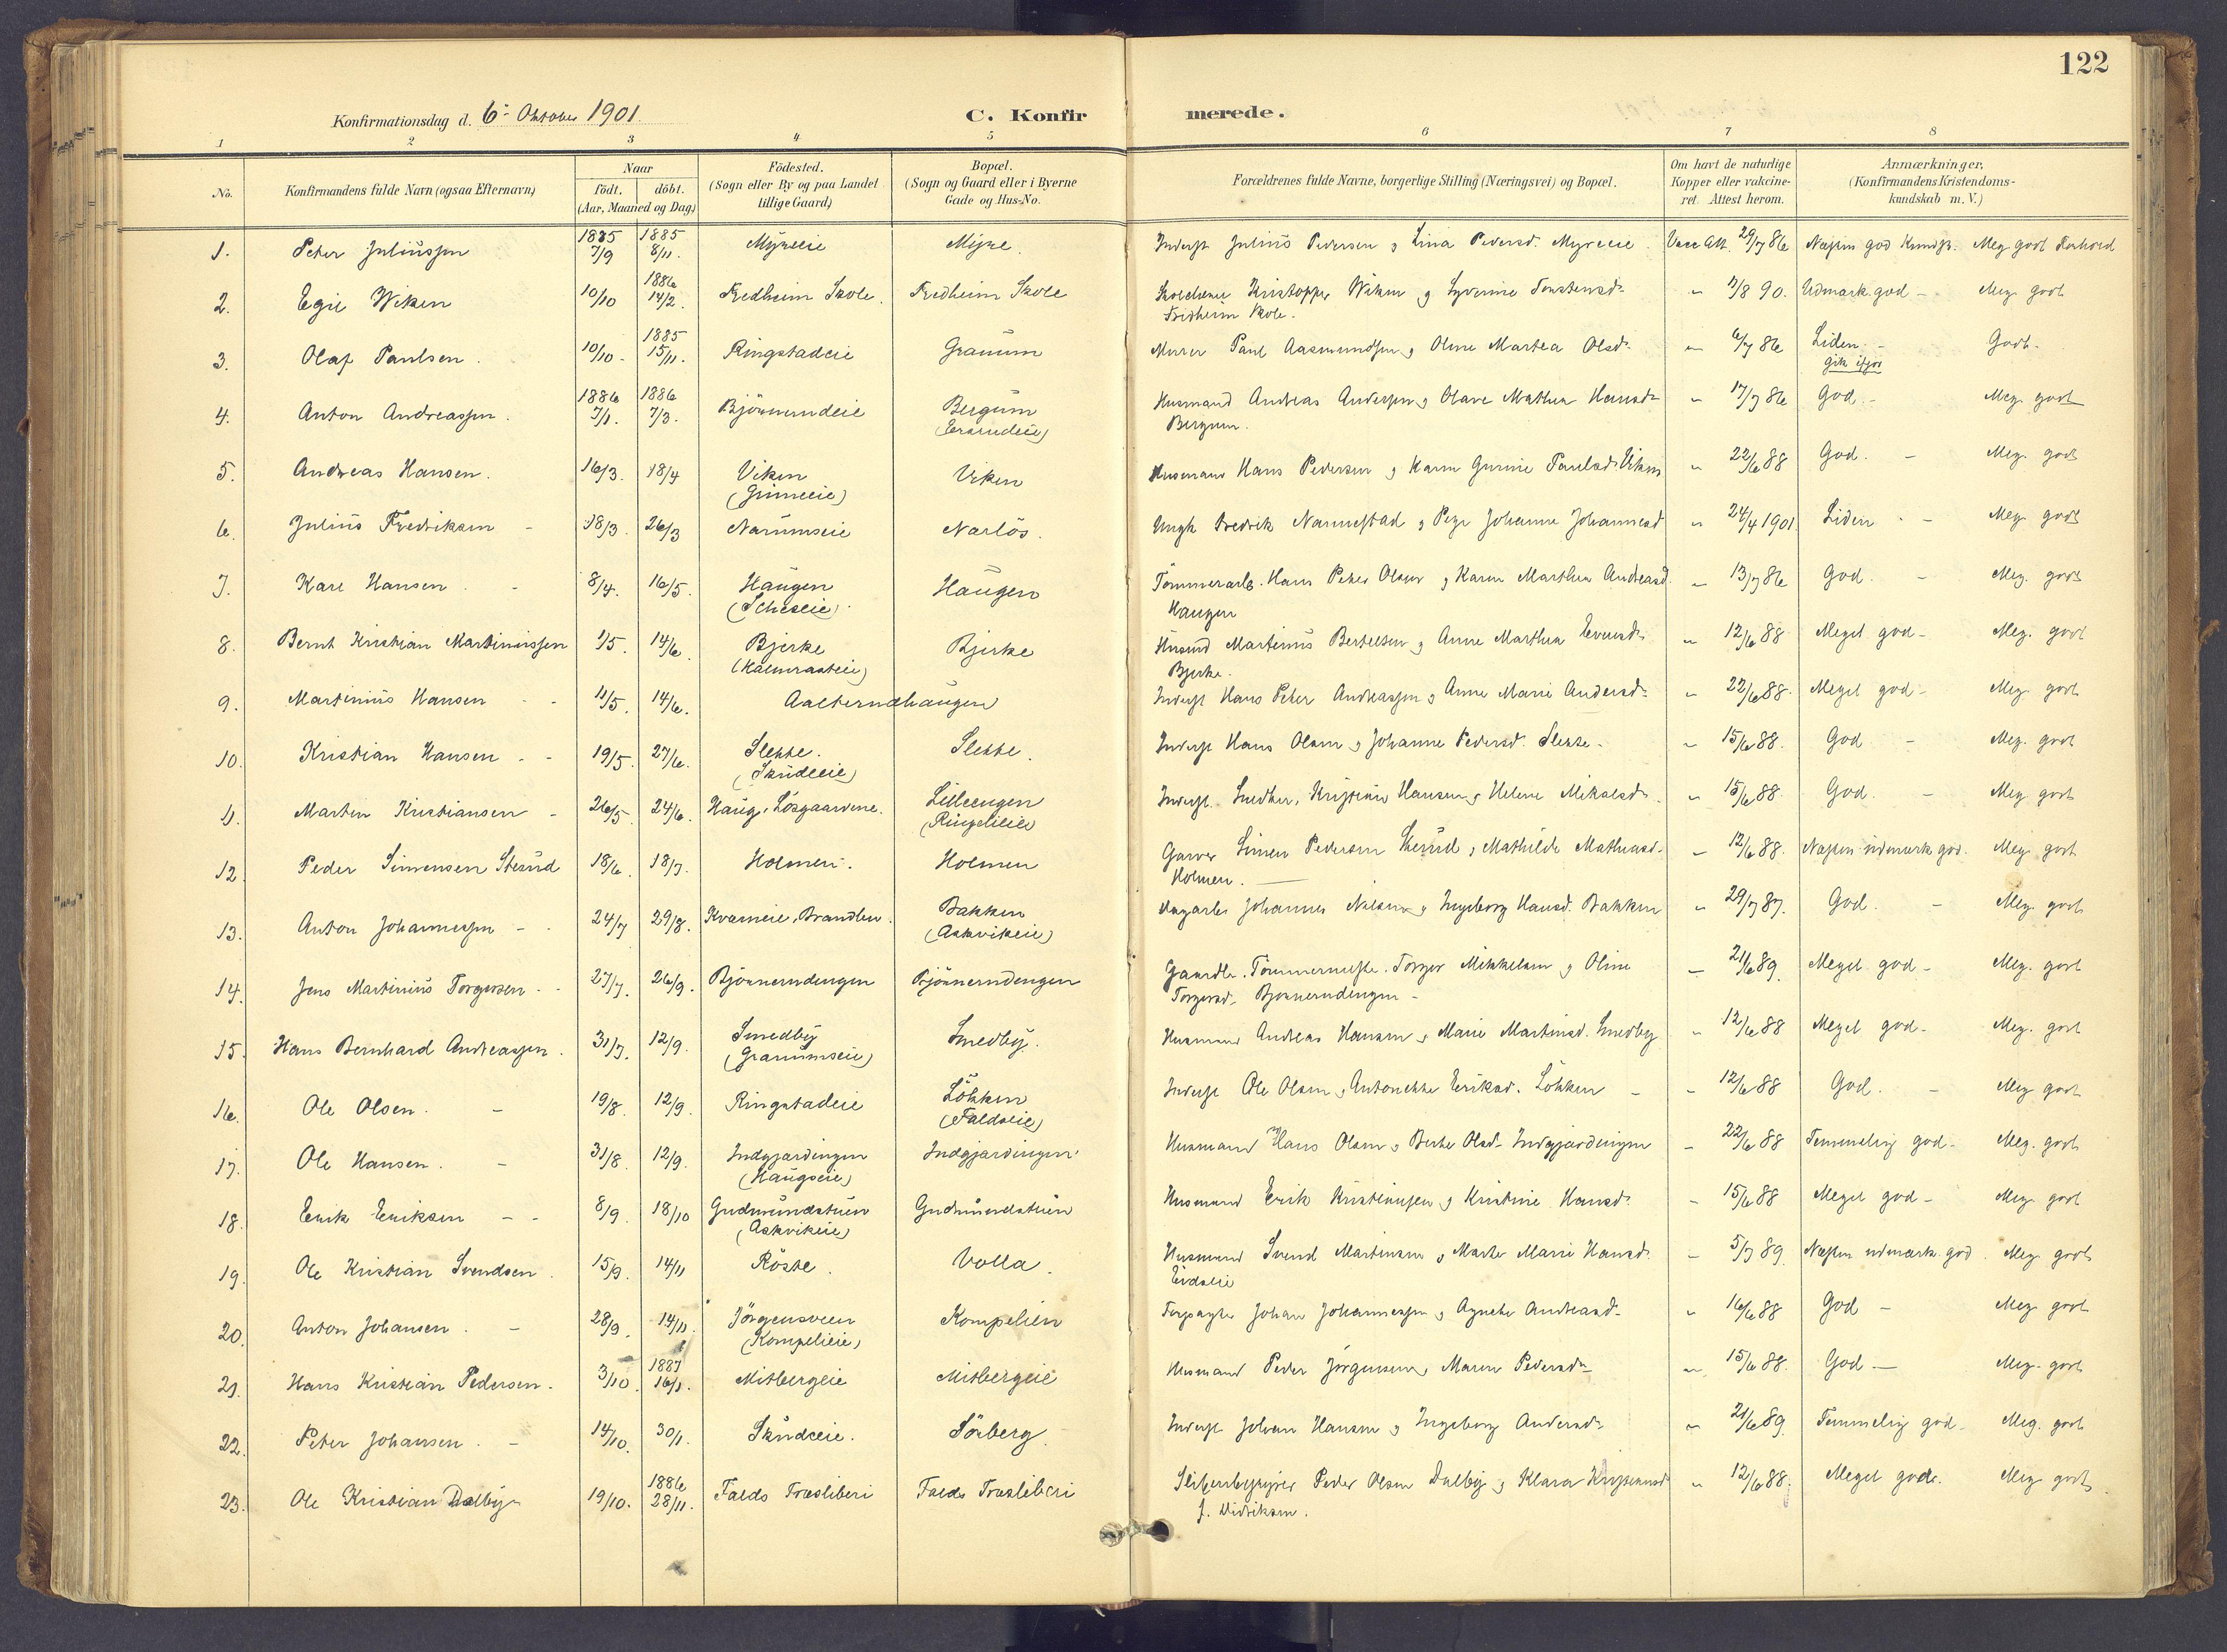 SAH, Søndre Land prestekontor, K/L0006: Ministerialbok nr. 6, 1895-1904, s. 122